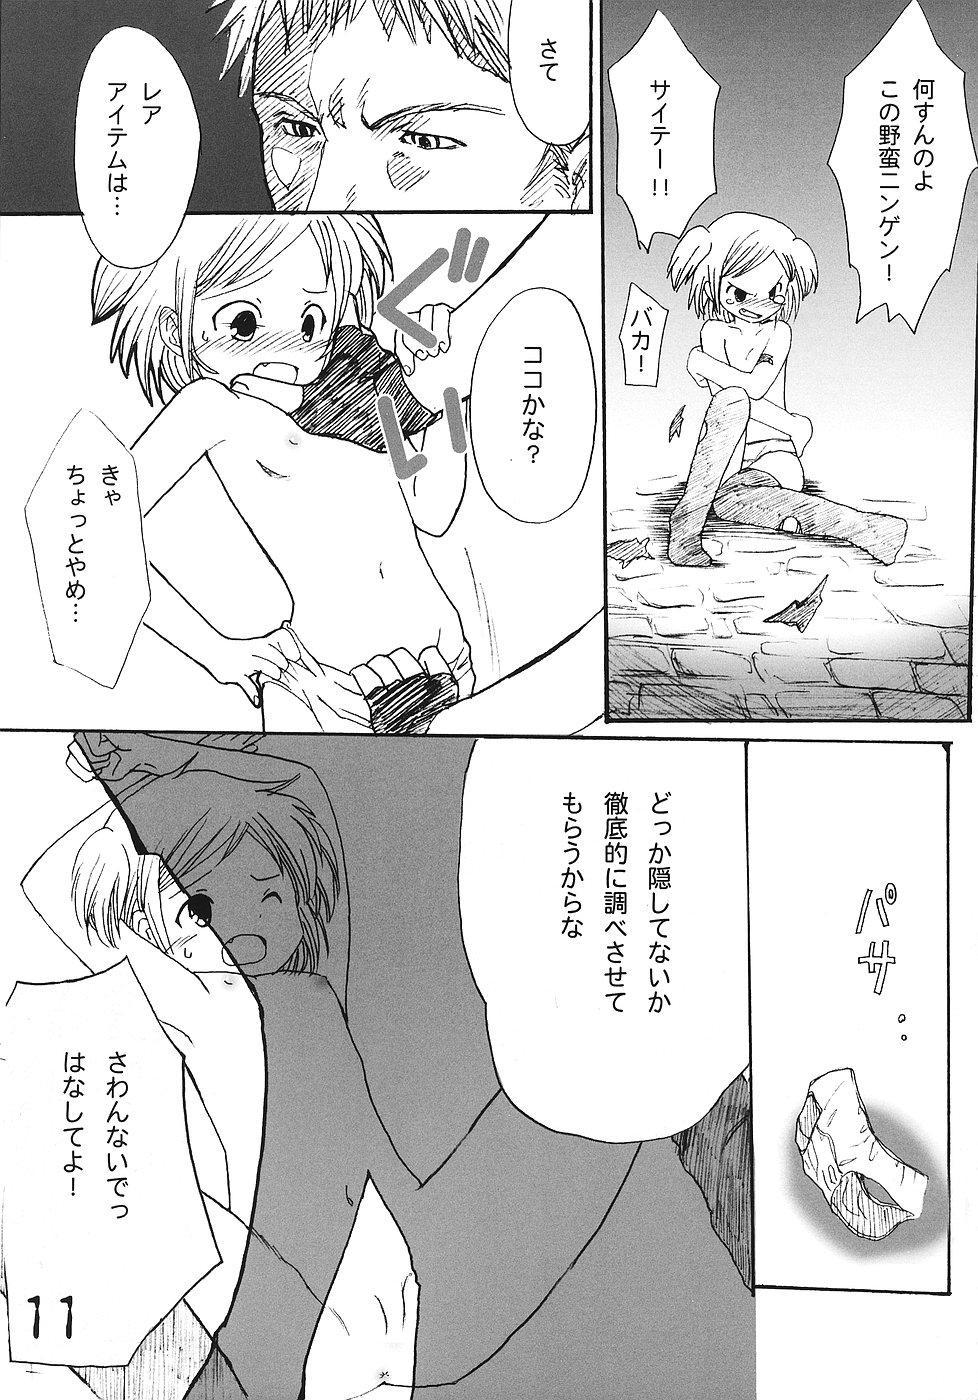 Tsurupeta Kenkyuusho Houkokusho 9